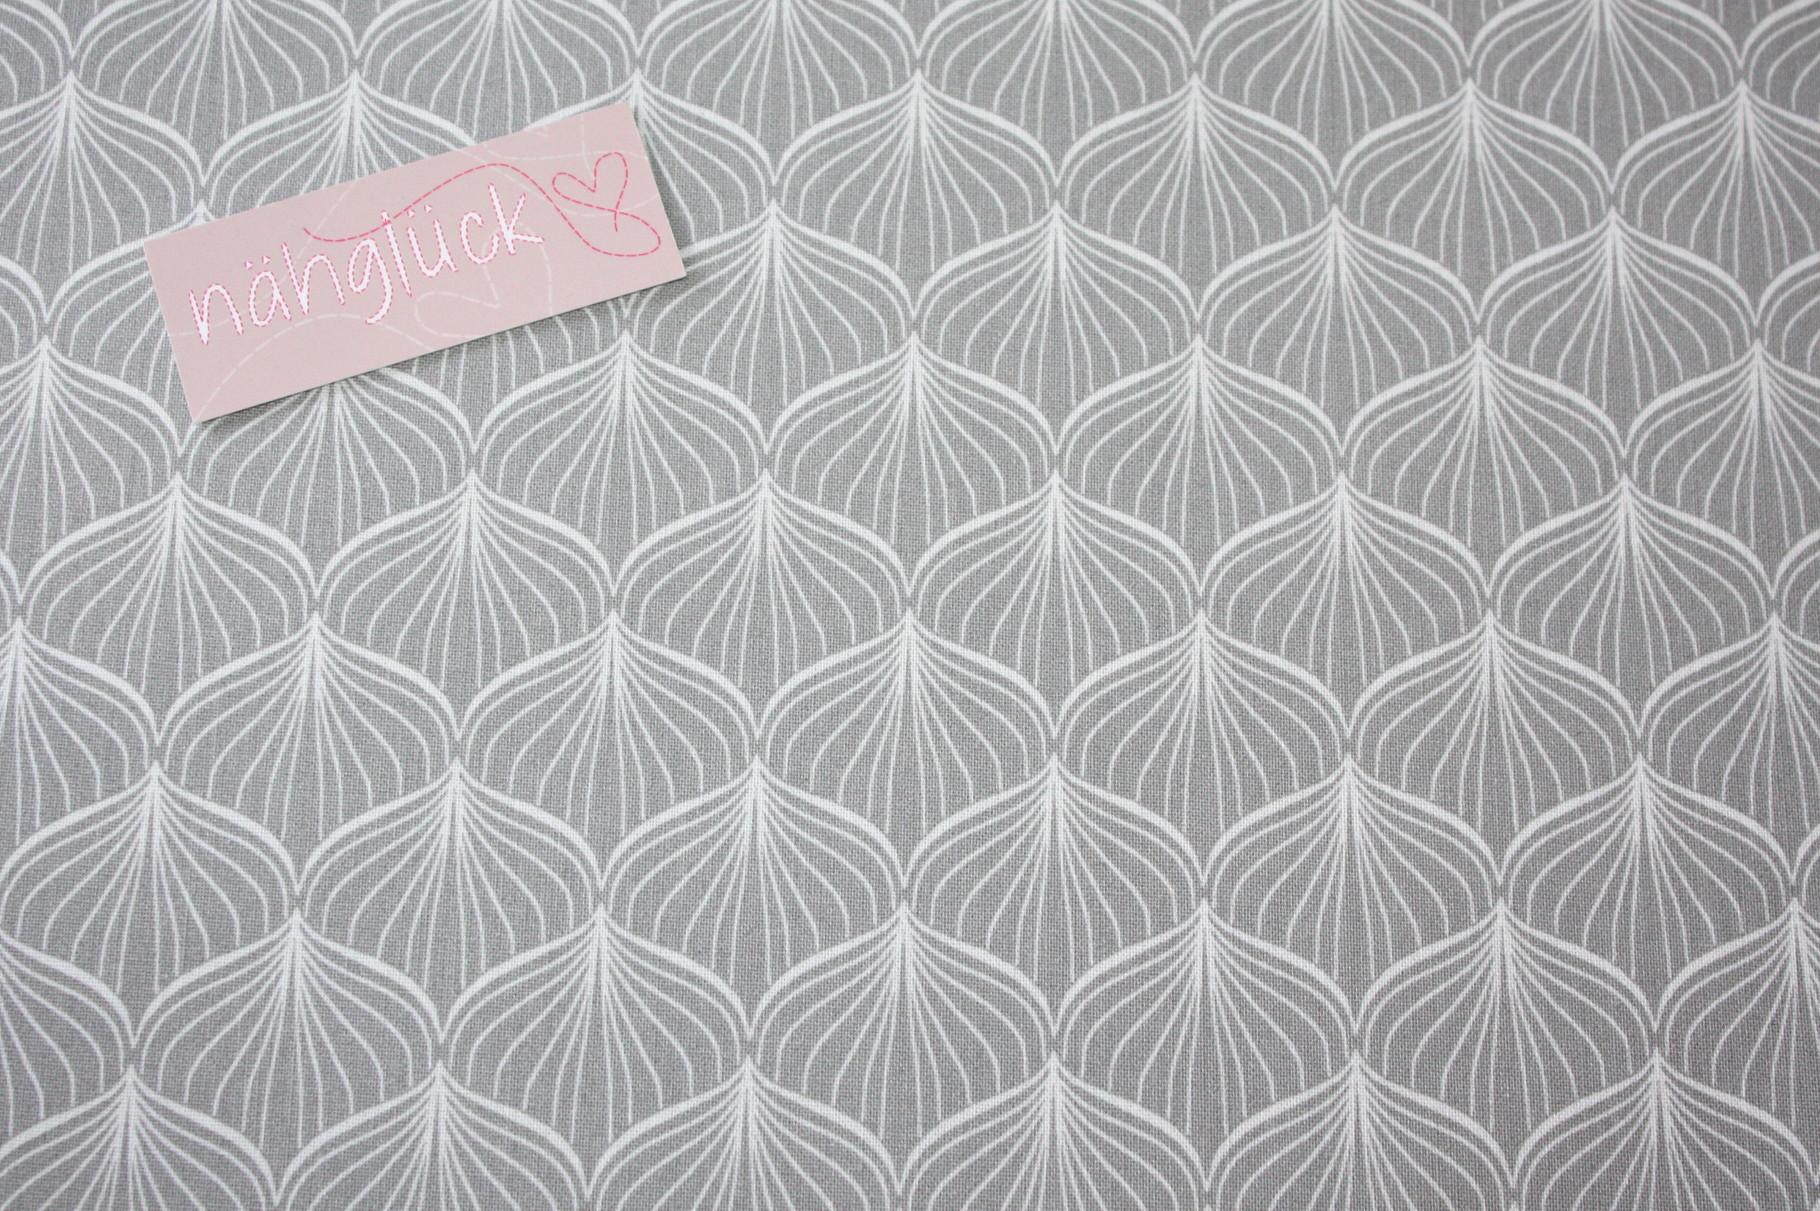 Baumwoll stoffe mit pvc beschichtung von au maison for Au maison fabric